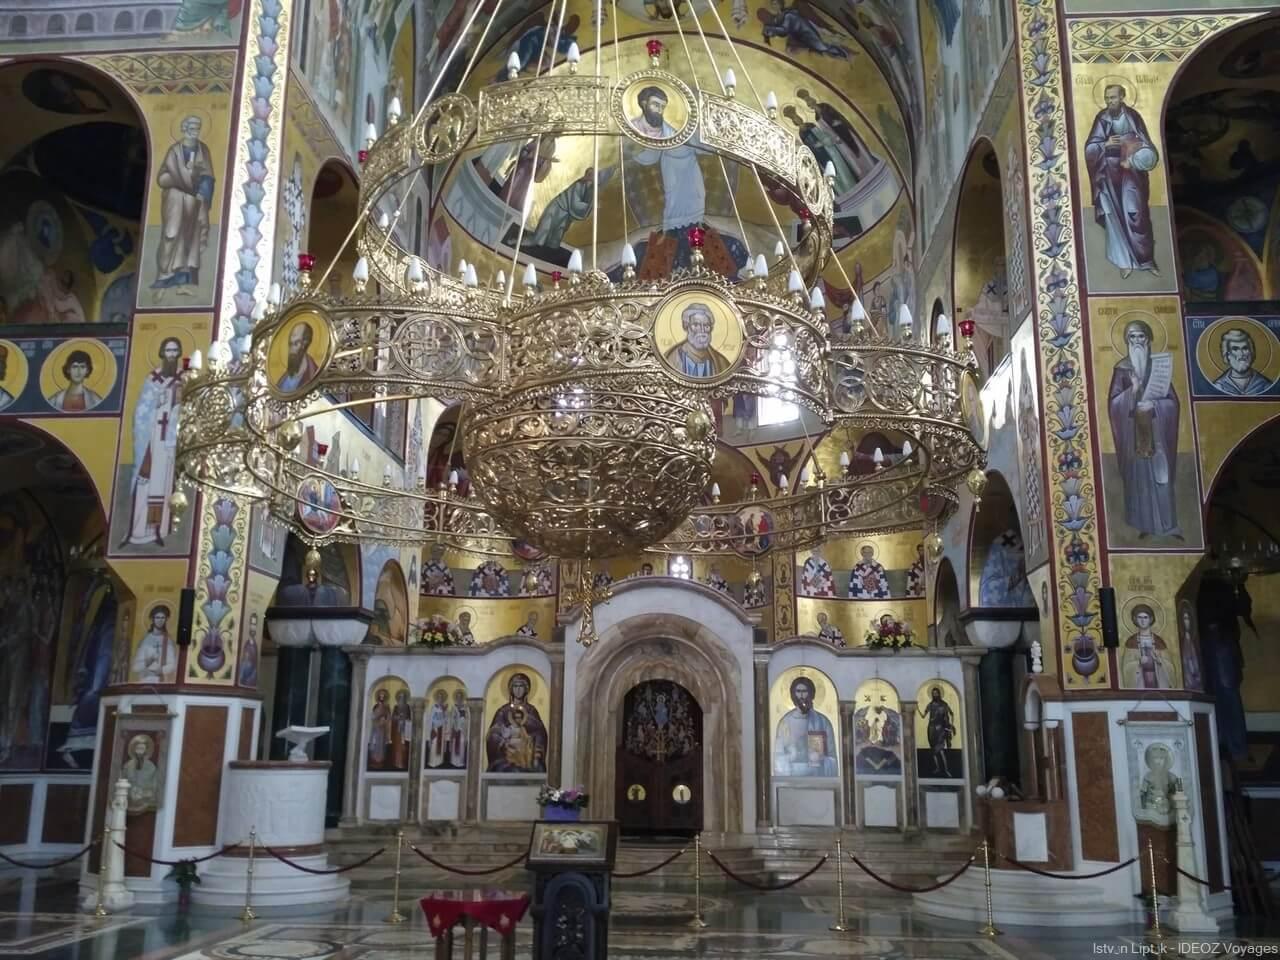 intérieur de la cathédrale de la résurrection du christ à podgorica